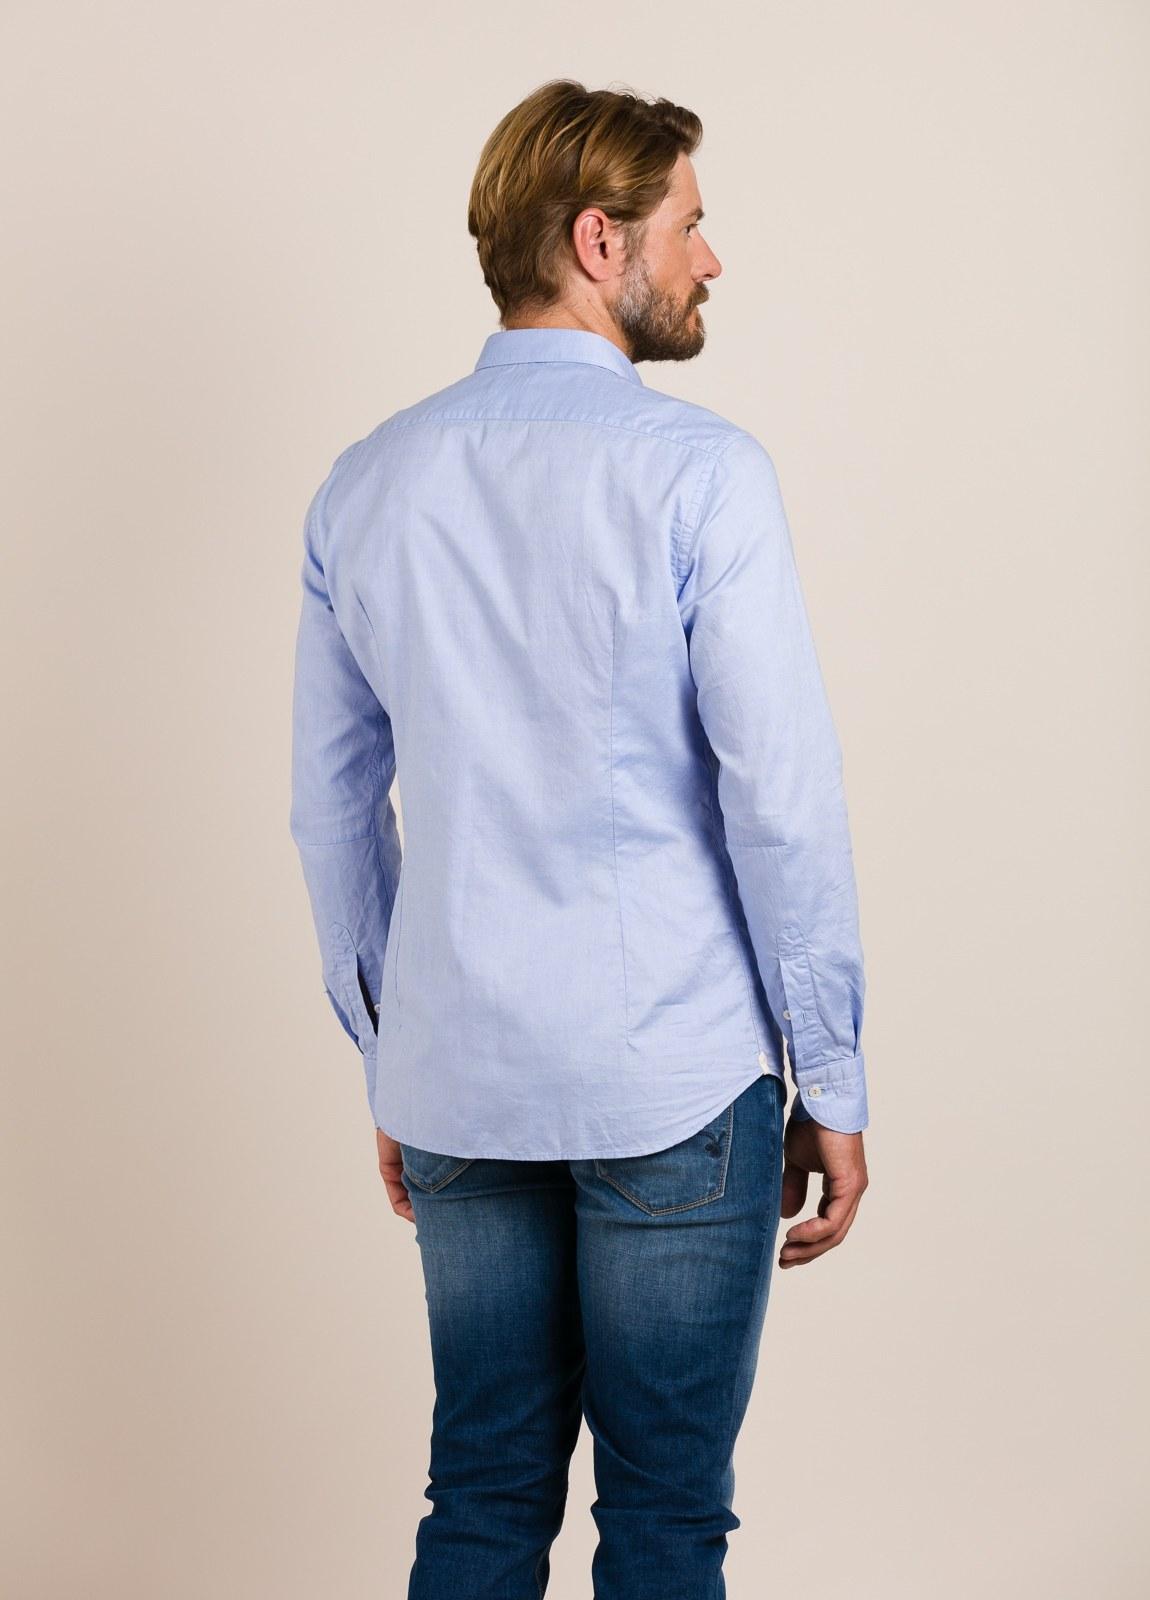 Camisa sport TINTORIA MATEI celeste - Ítem1